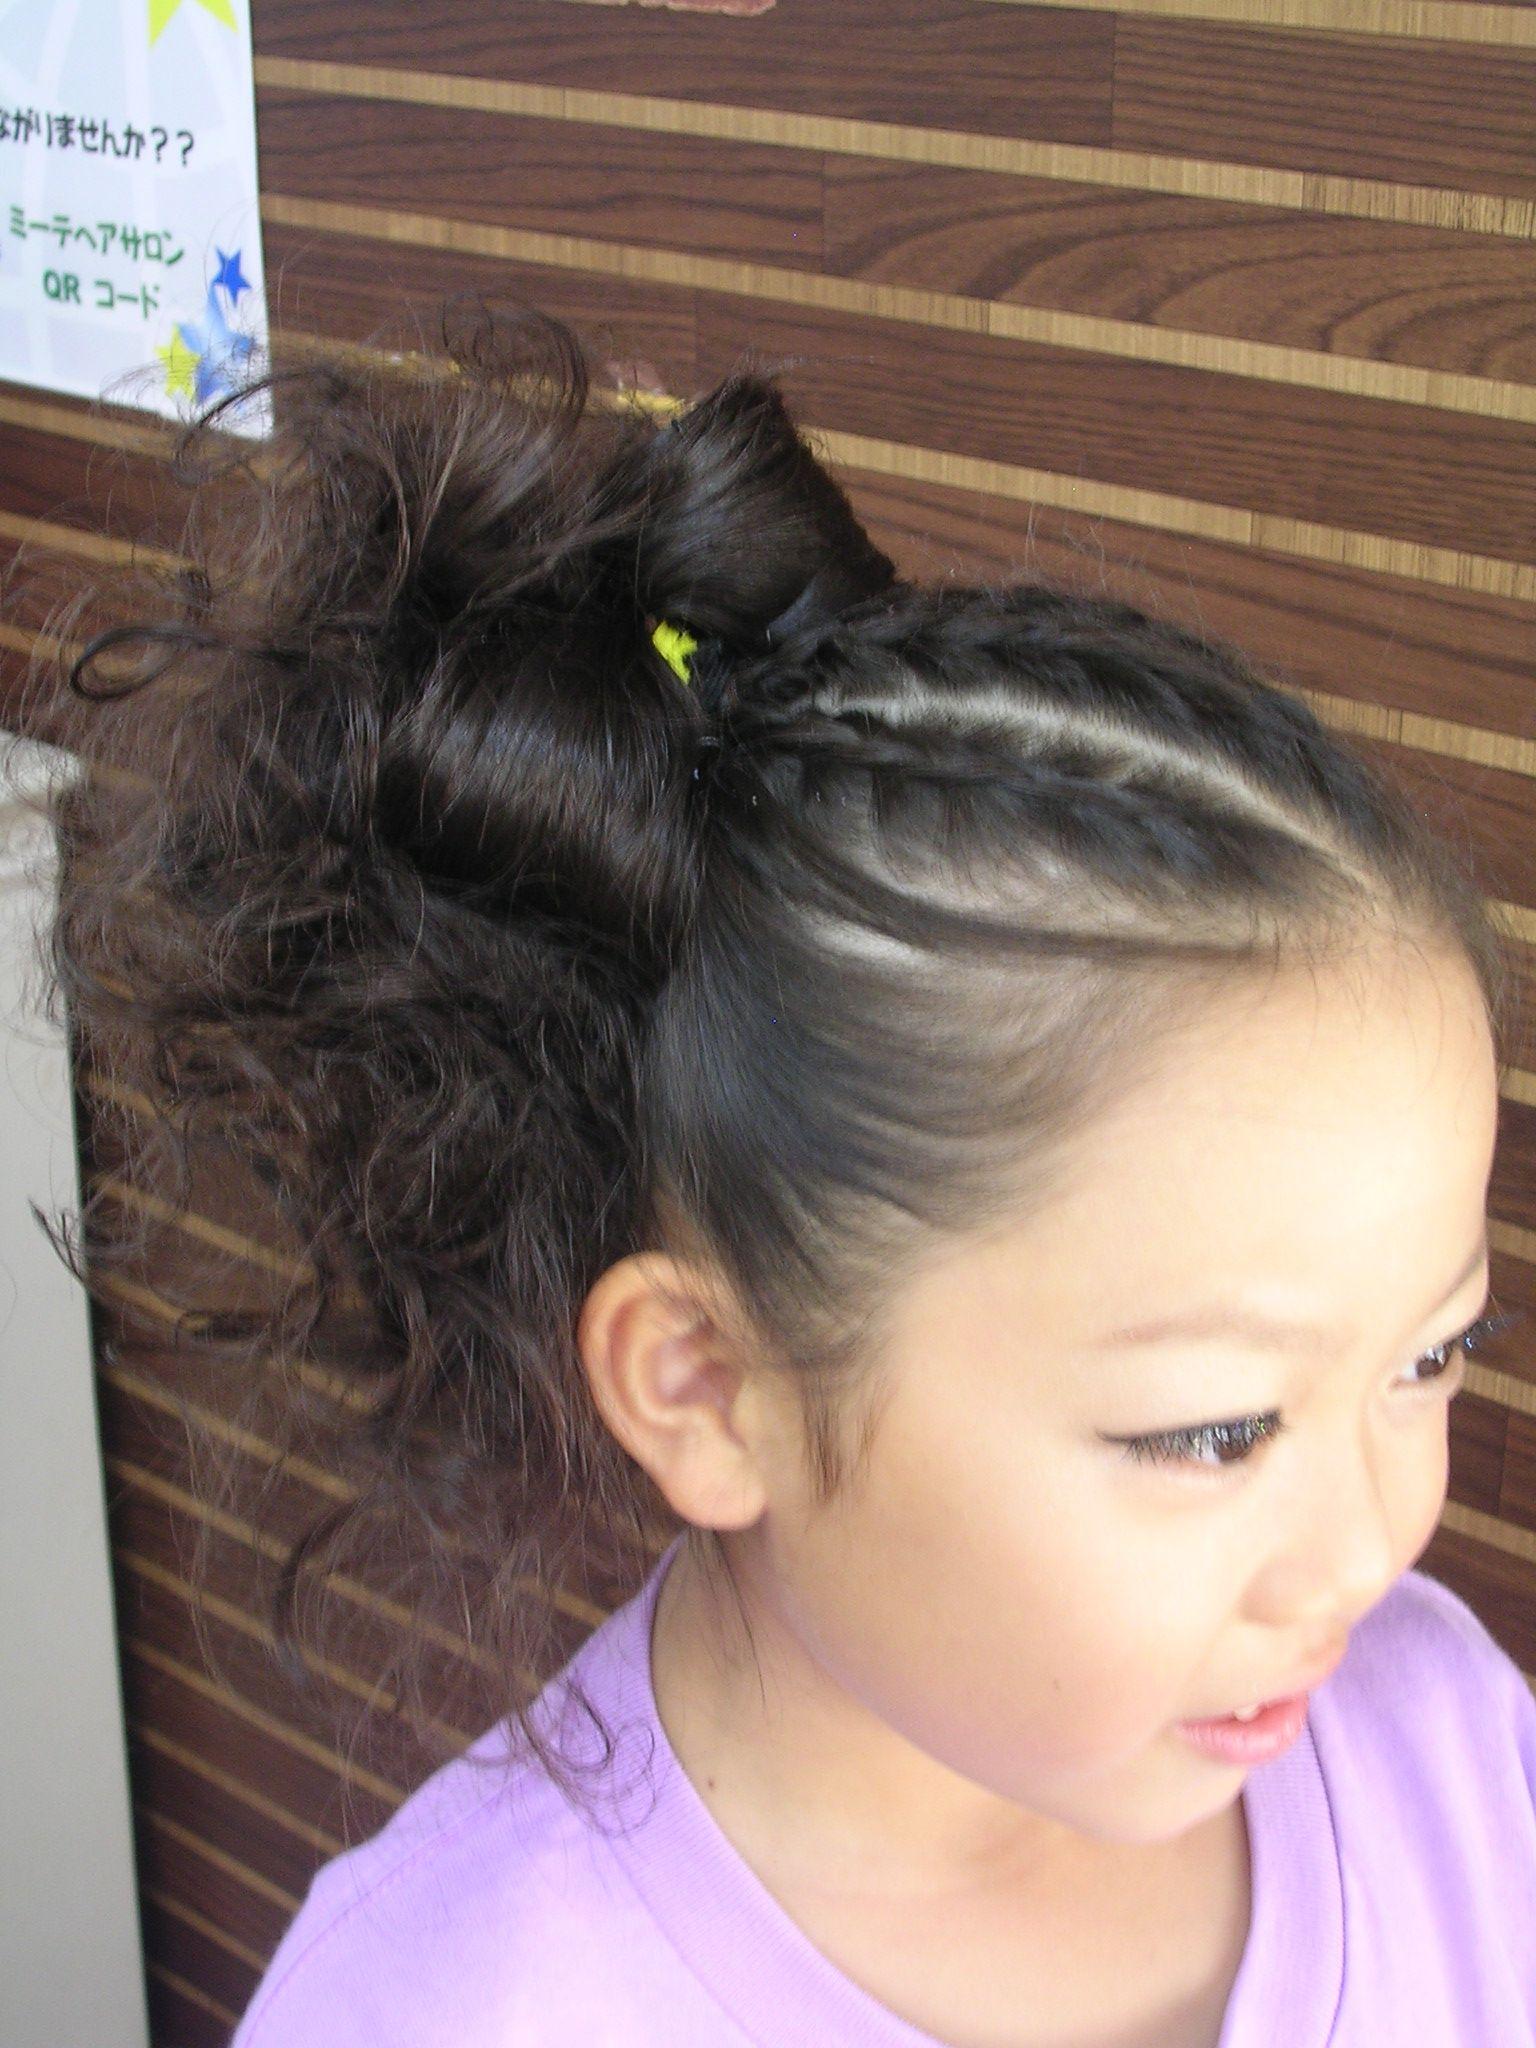 ダンス 髪型 キッズ の画像検索結果 ダンス 髪型 髪型 髪型 簡単